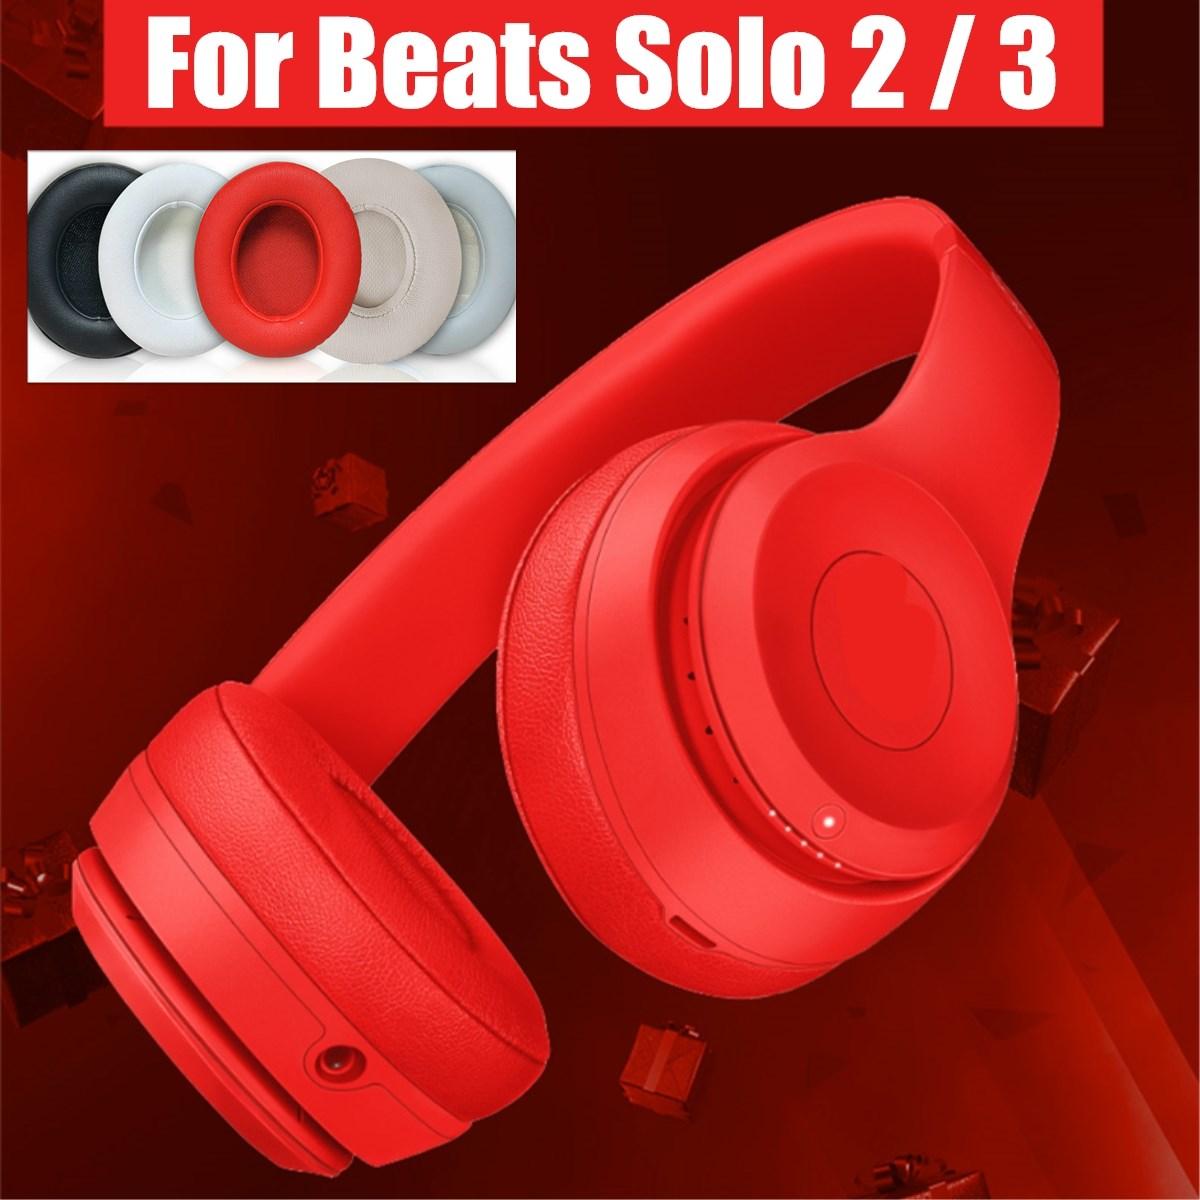 1 par de almohadillas LEORY para auriculares Solo 2 Beats para Solo3 con cable/almohadillas de repuesto inalámbricas almohadillas suaves para auriculares